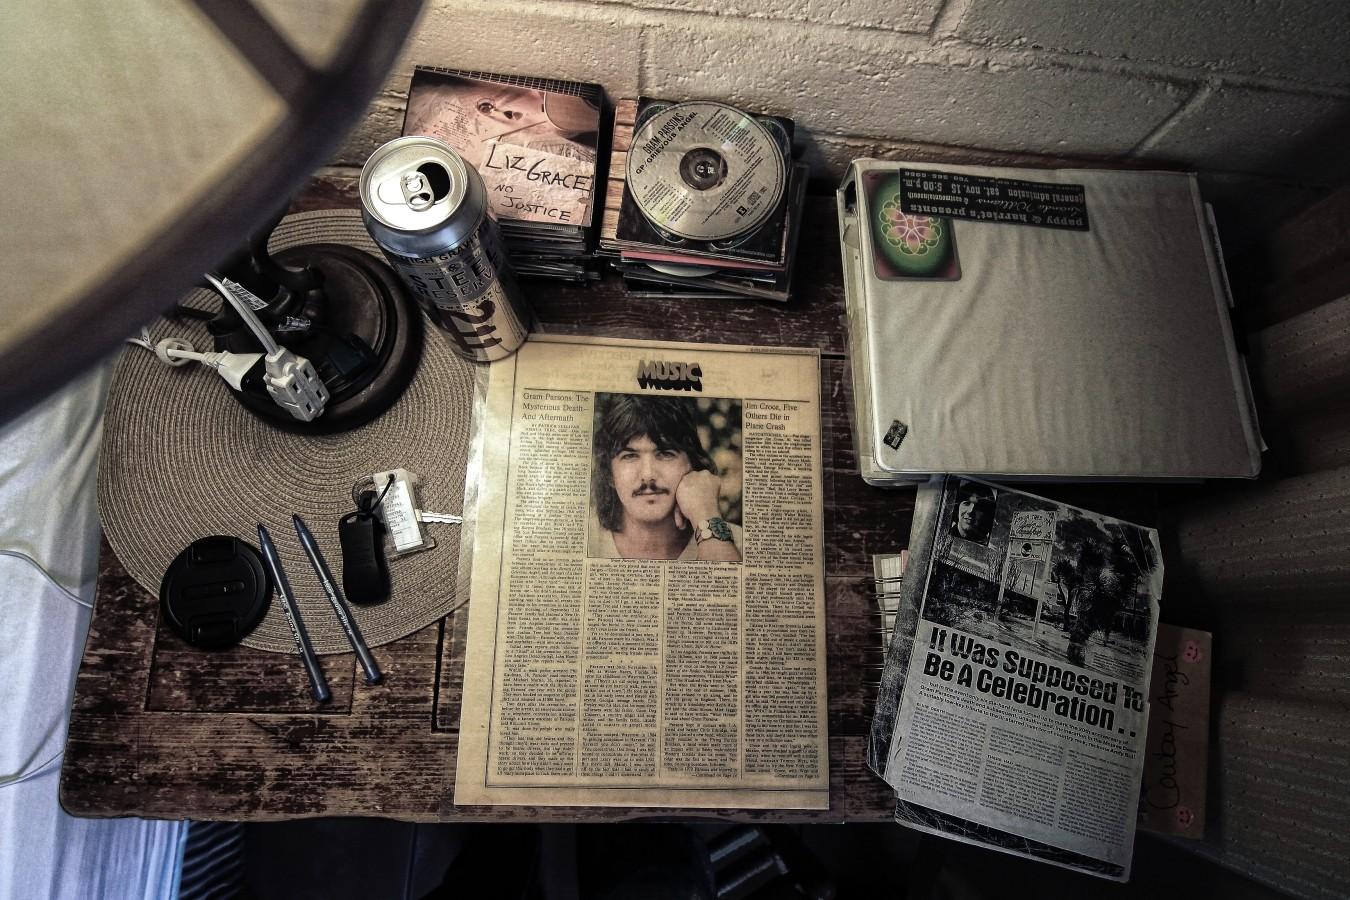 Auf dem Schreibtisch stapeln sich von Fans kompilierte CDs, Erinnerungsstücke,... (Foto: Christian Düringer)